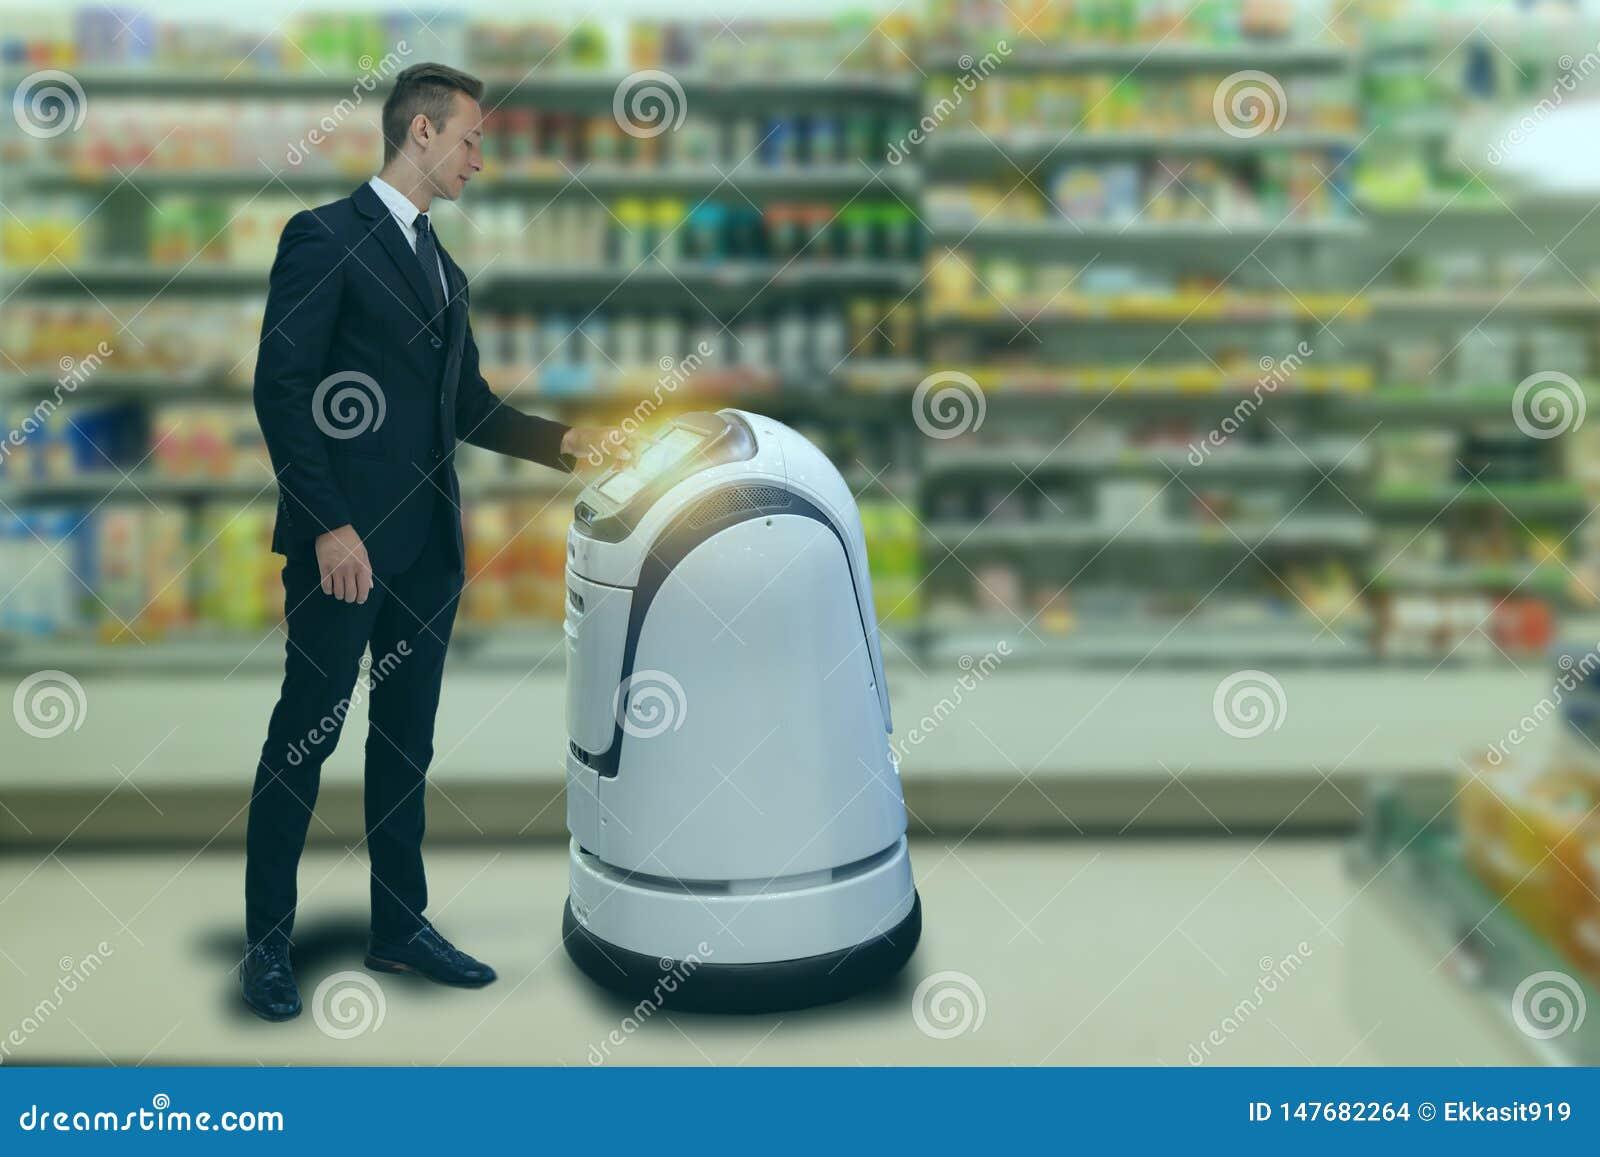 Mądrze mechaniczny technologii pojęcie customerr podąża usługowego robot mądrze handel detaliczny w domu towarowym, sklep robot p